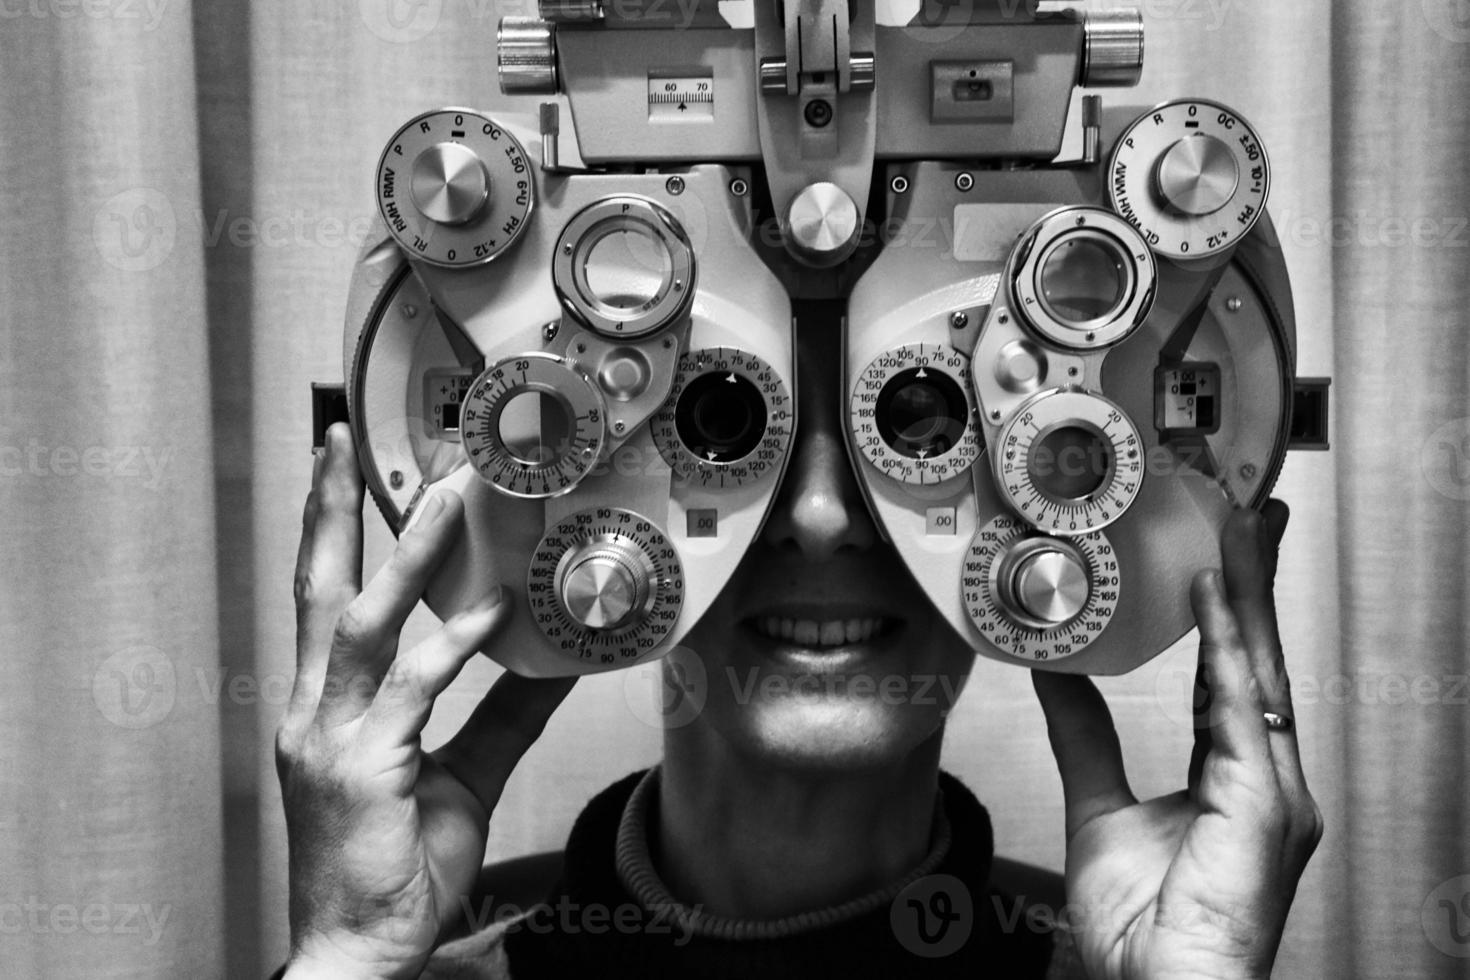 Der Augenarzt überprüft die Sicht auf einen Patienten foto